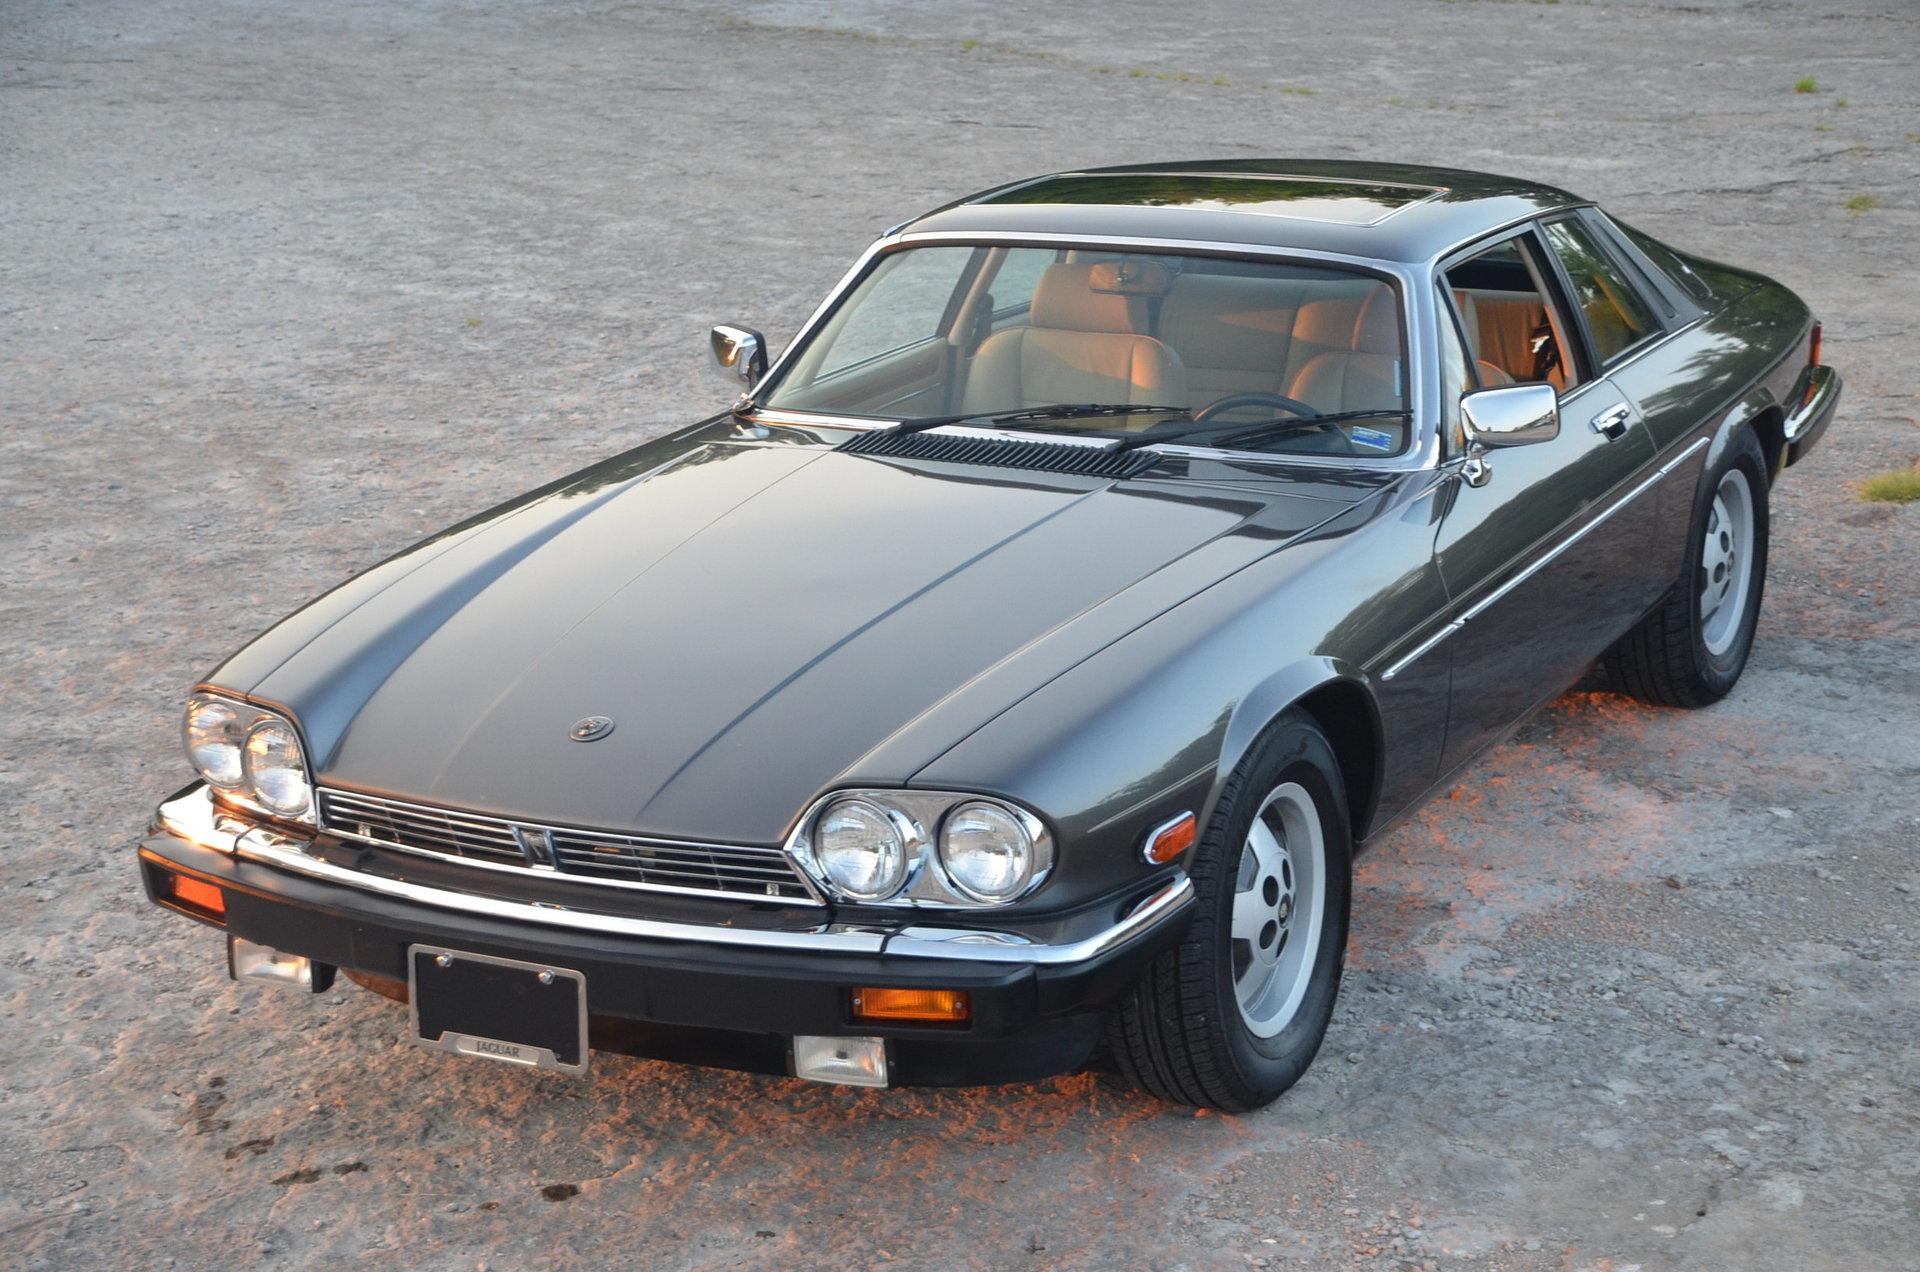 6554b8a6a9fa hd 1987 jaguar xjs